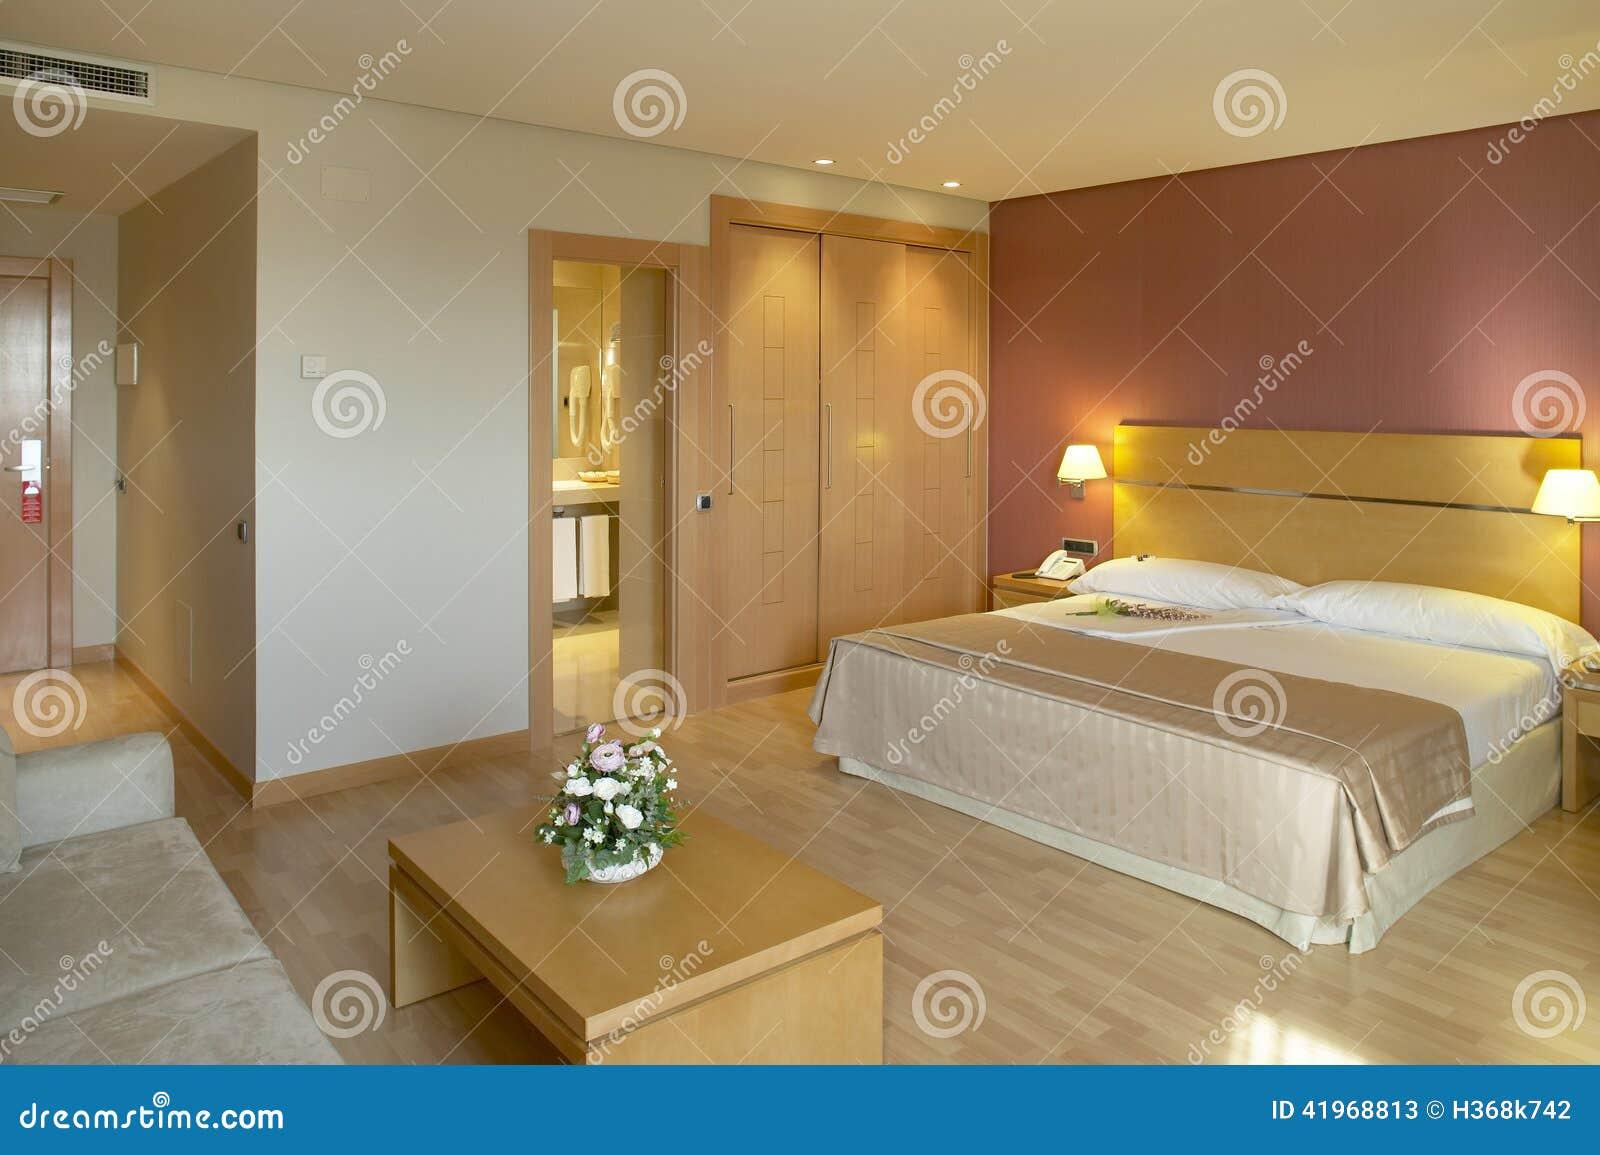 Camera di albergo con il letto ed il bagno immagine stock - Camera da letto con bagno ...